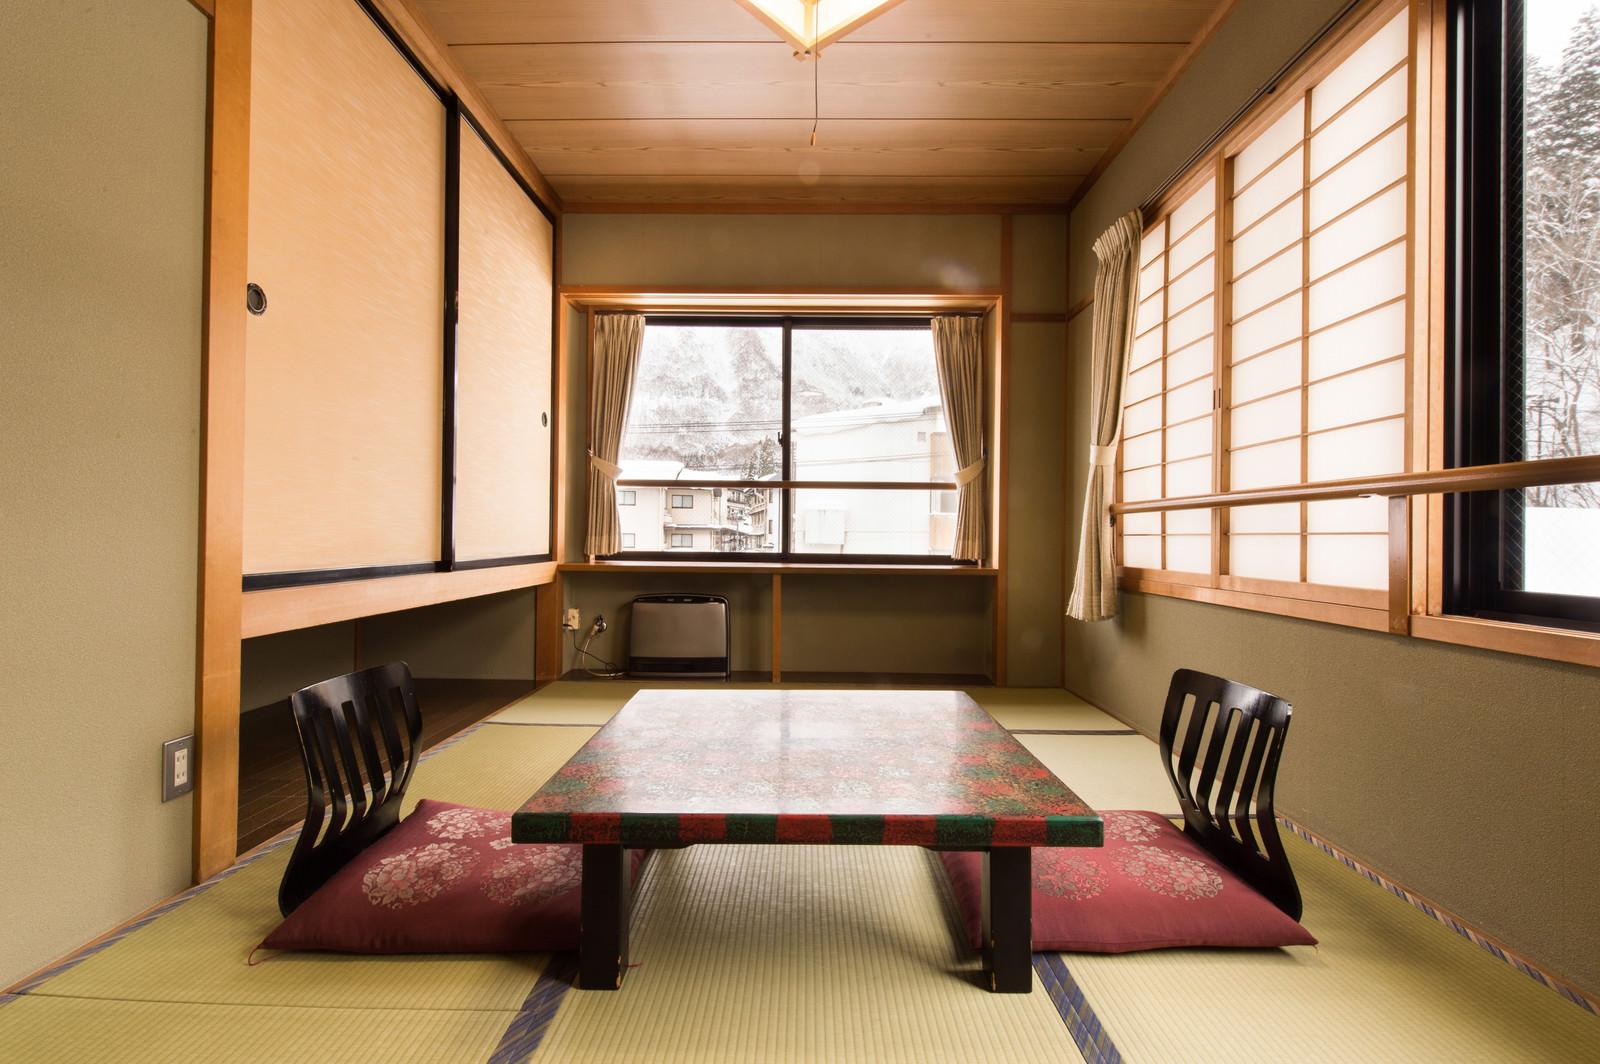 「平湯温泉栄太郎の客室(和室) | 写真の無料素材・フリー素材 - ぱくたそ」の写真